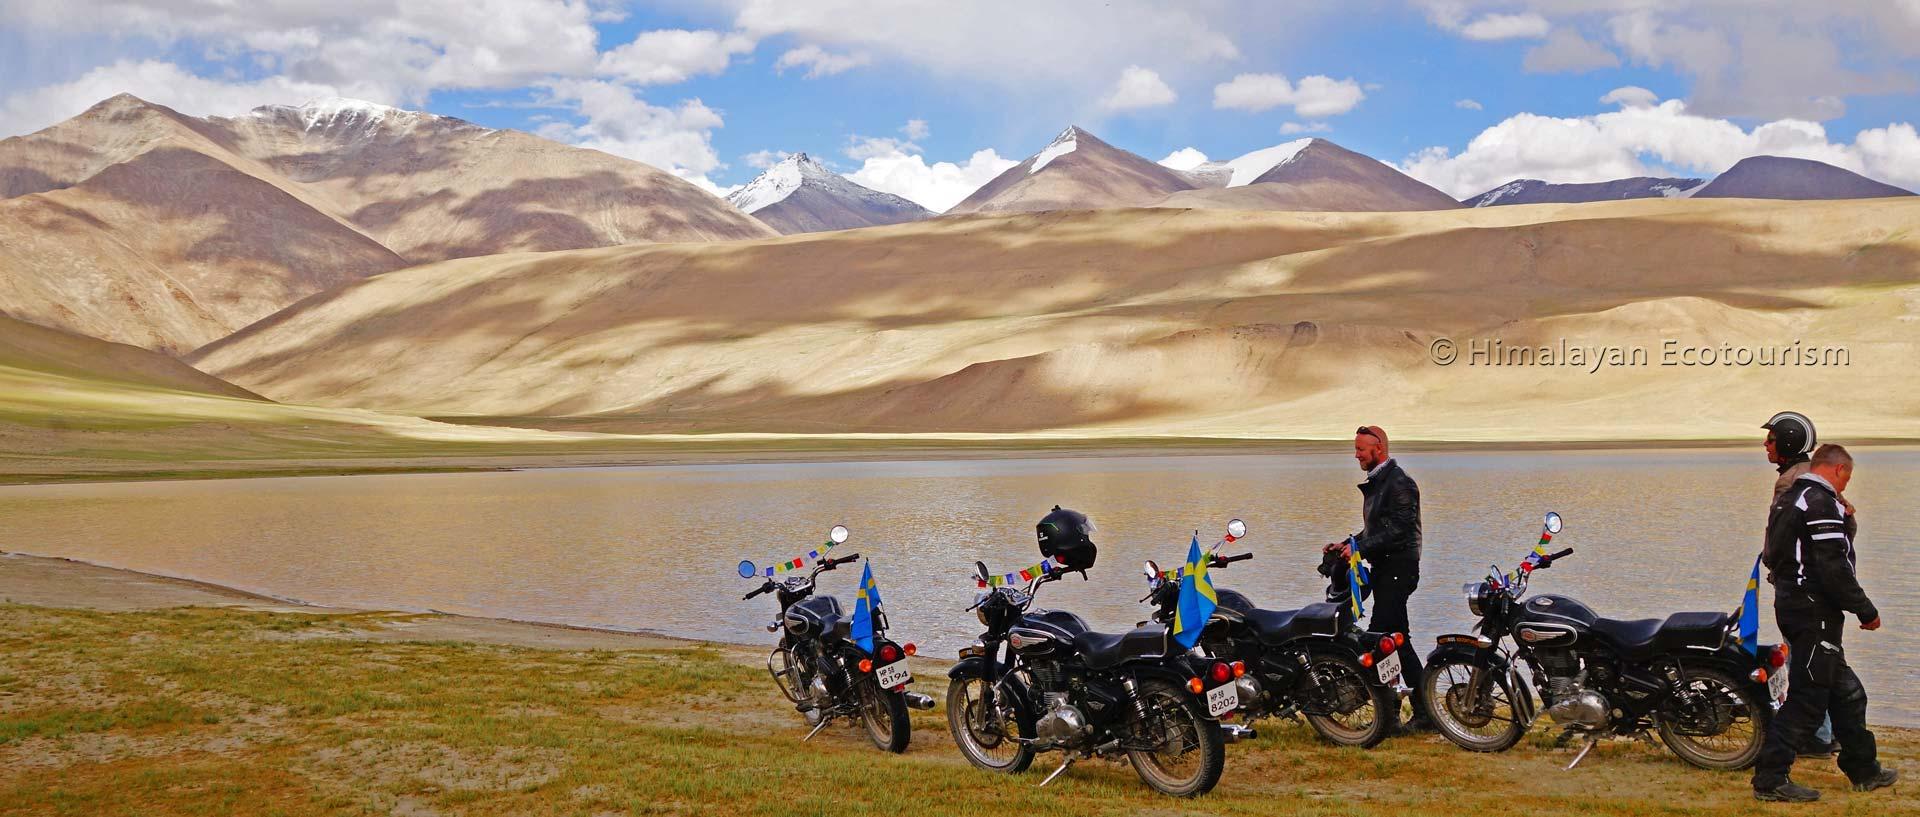 Le lac Tso Moriri, Ladakh